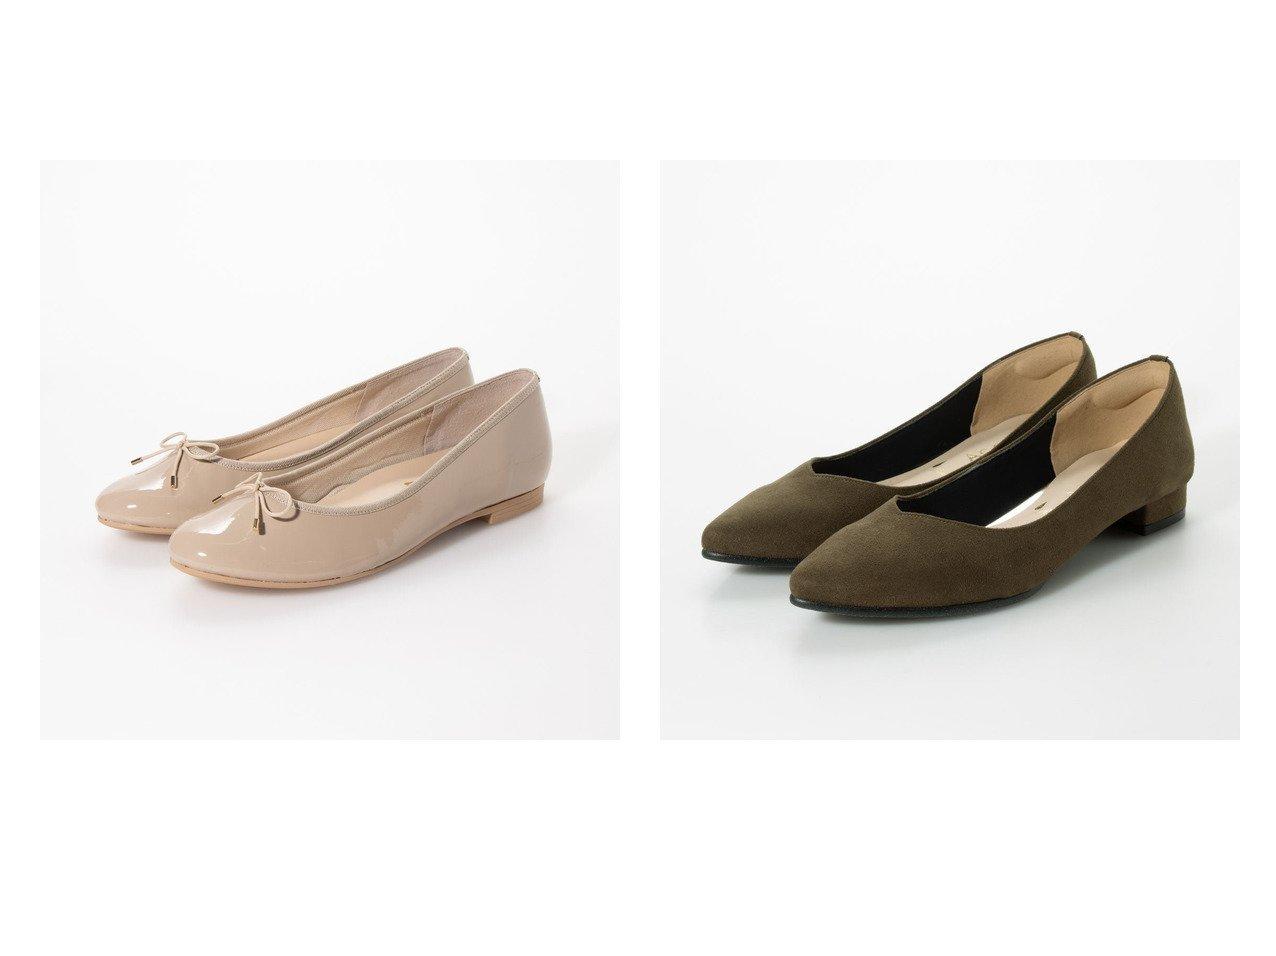 【Agosto/アゴスト】の【日本製】ポインテッドトゥVカットレインローヒールパンプス&【日本製】ラウンドトゥふわふわインソールバレエパンプス シューズ・靴のおすすめ!人気、レディースファッションの通販  おすすめで人気のファッション通販商品 インテリア・家具・キッズファッション・メンズファッション・レディースファッション・服の通販 founy(ファニー) https://founy.com/ ファッション Fashion レディース WOMEN クッション シューズ バレエ スエード レイン |ID:crp329100000004113